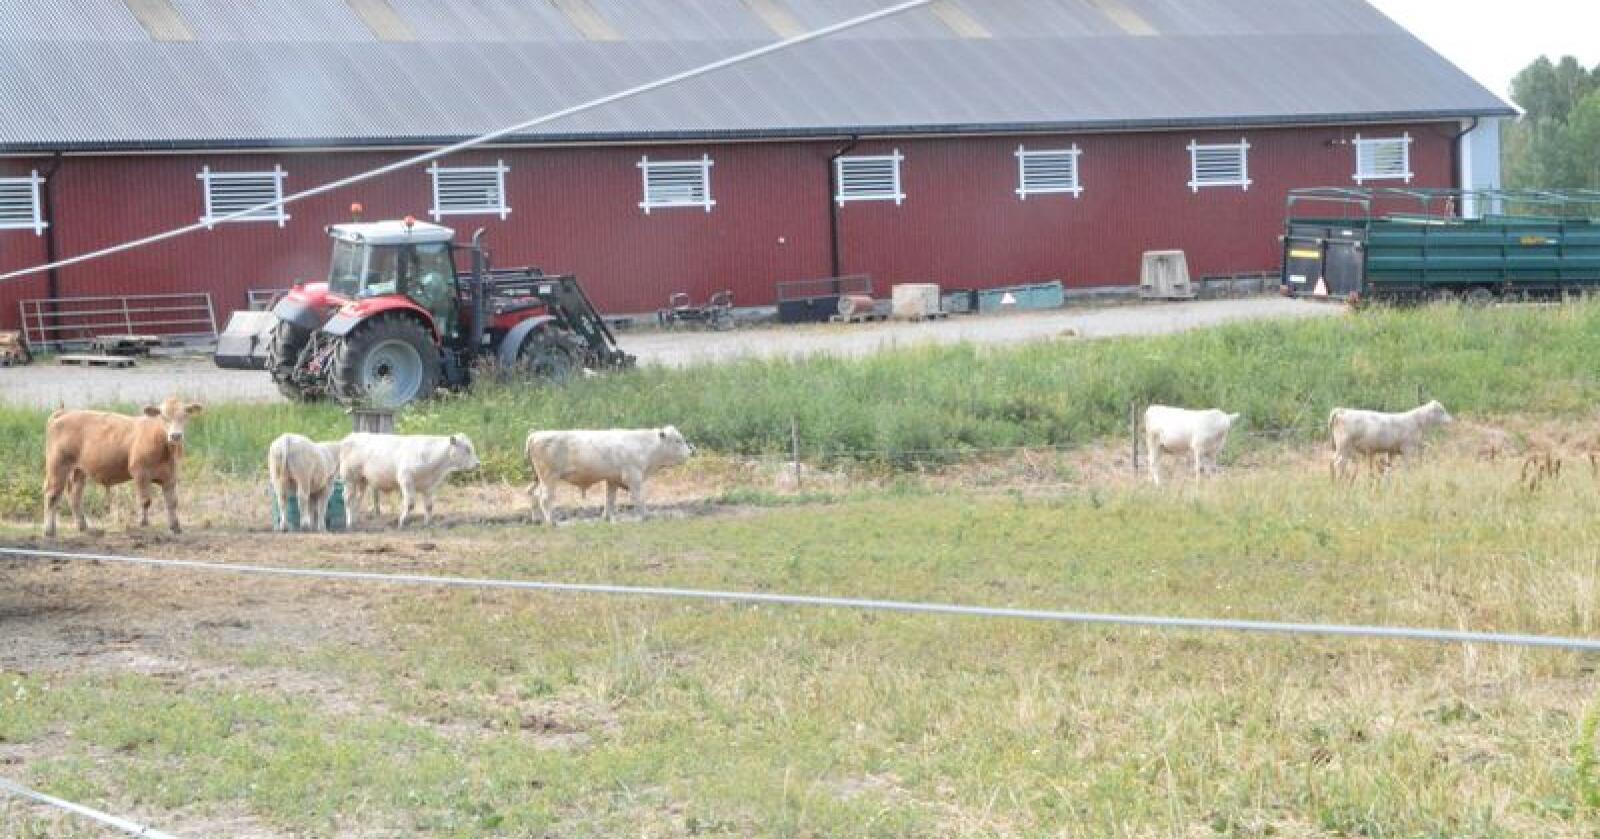 Mange bønder merker nå ekstremtørken på kroppen. Flere har meldt inn, eller vurderer å melde inn, dyr til slakt pga fôrmangel. Bildet er fra Aurskog-Høland. Foto: Anders Sandbu